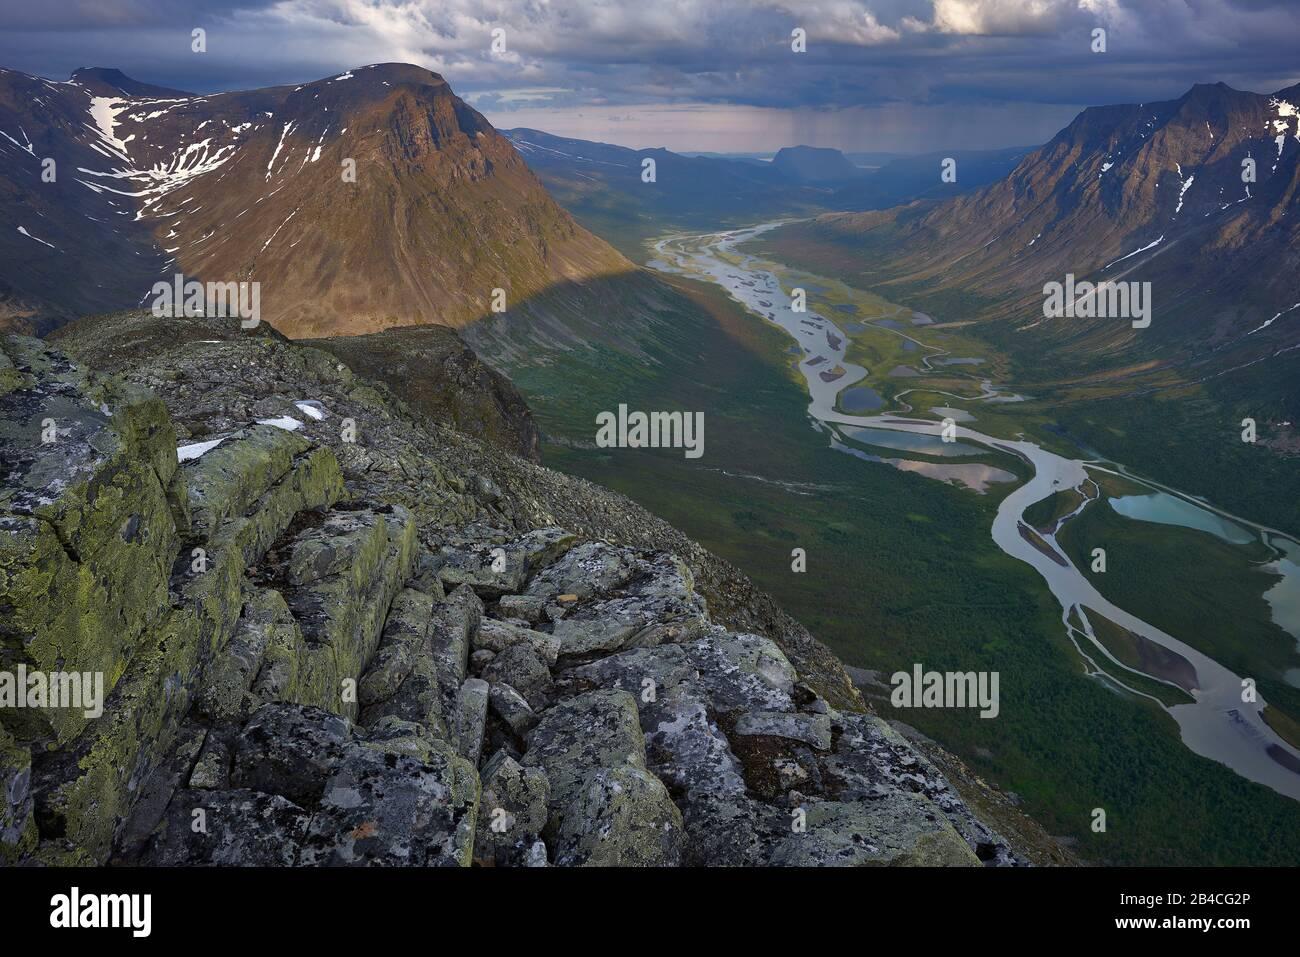 Sverige,Laponia,Sarek nationalpark, Río Rapaätno hacia el Monte Biellorieppe y Skoarki Foto de stock